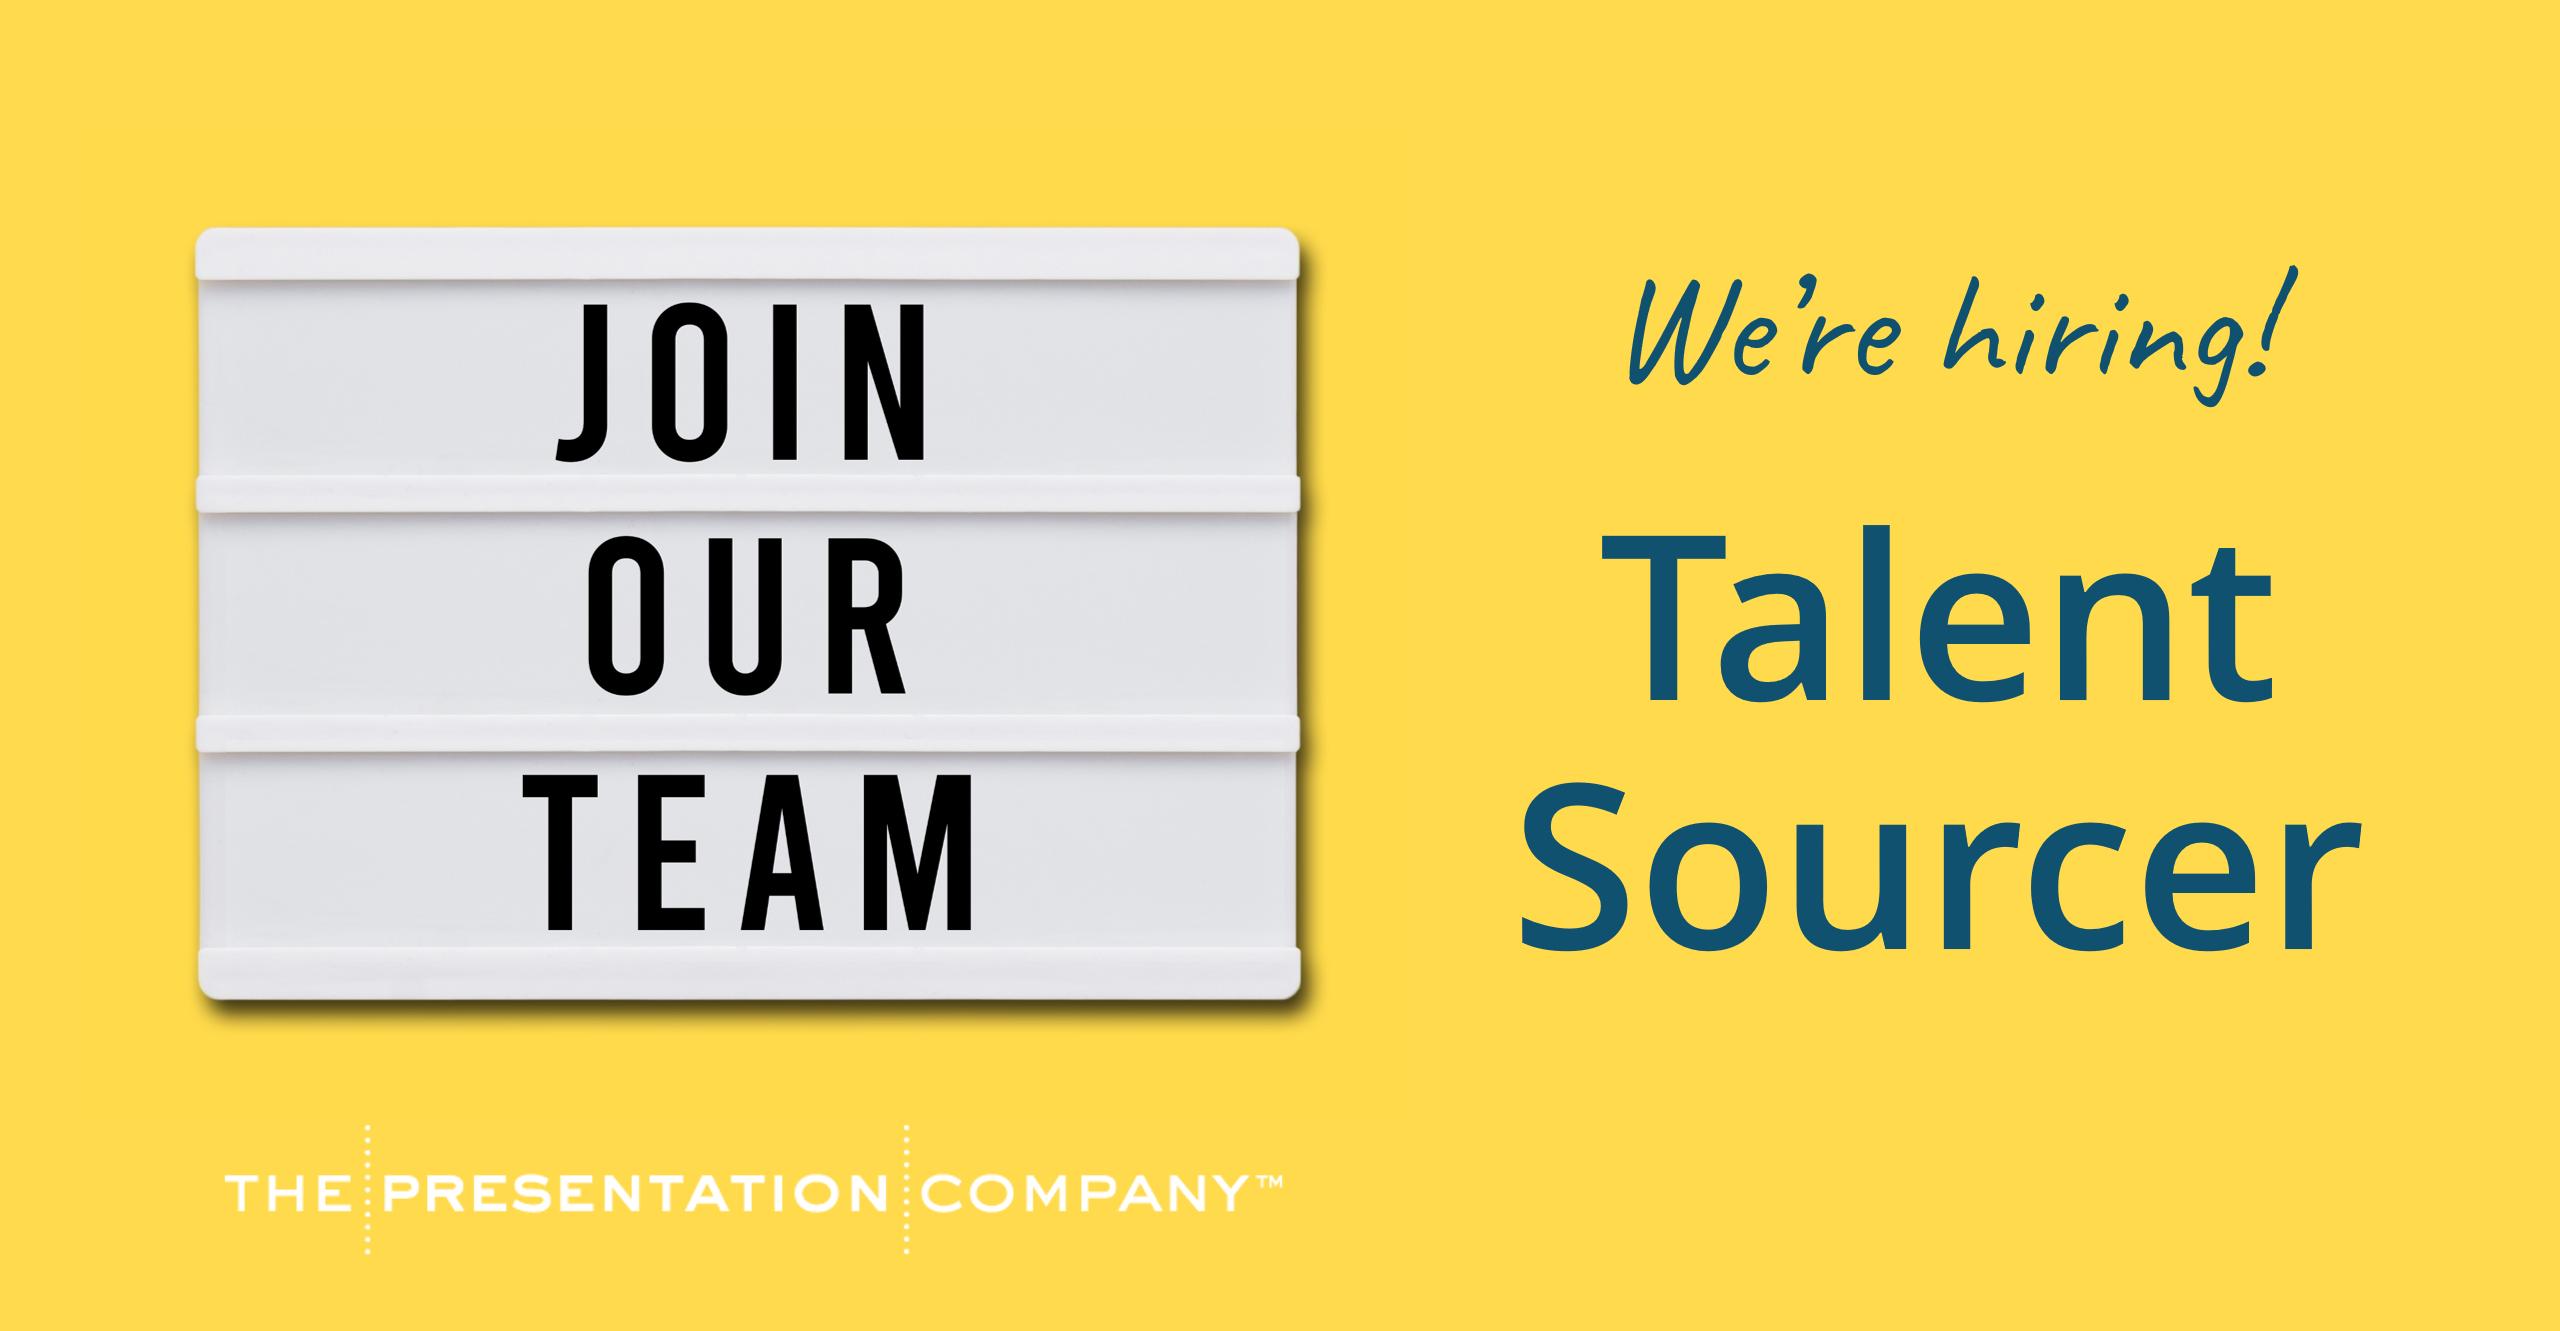 TPC_Talent Sourcer